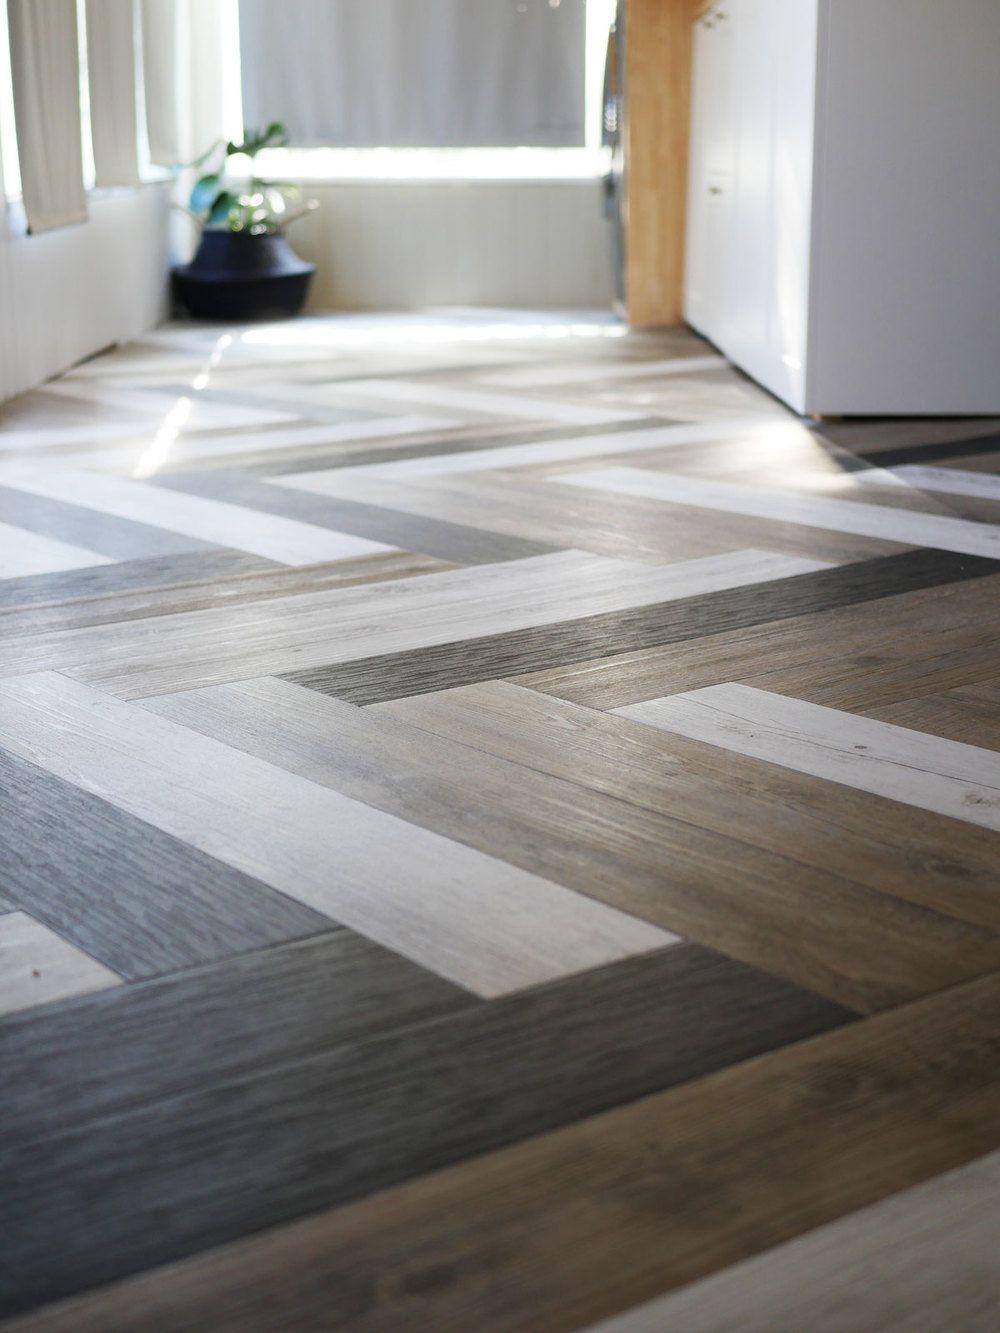 Herringbone Floors With Vinyl Stick